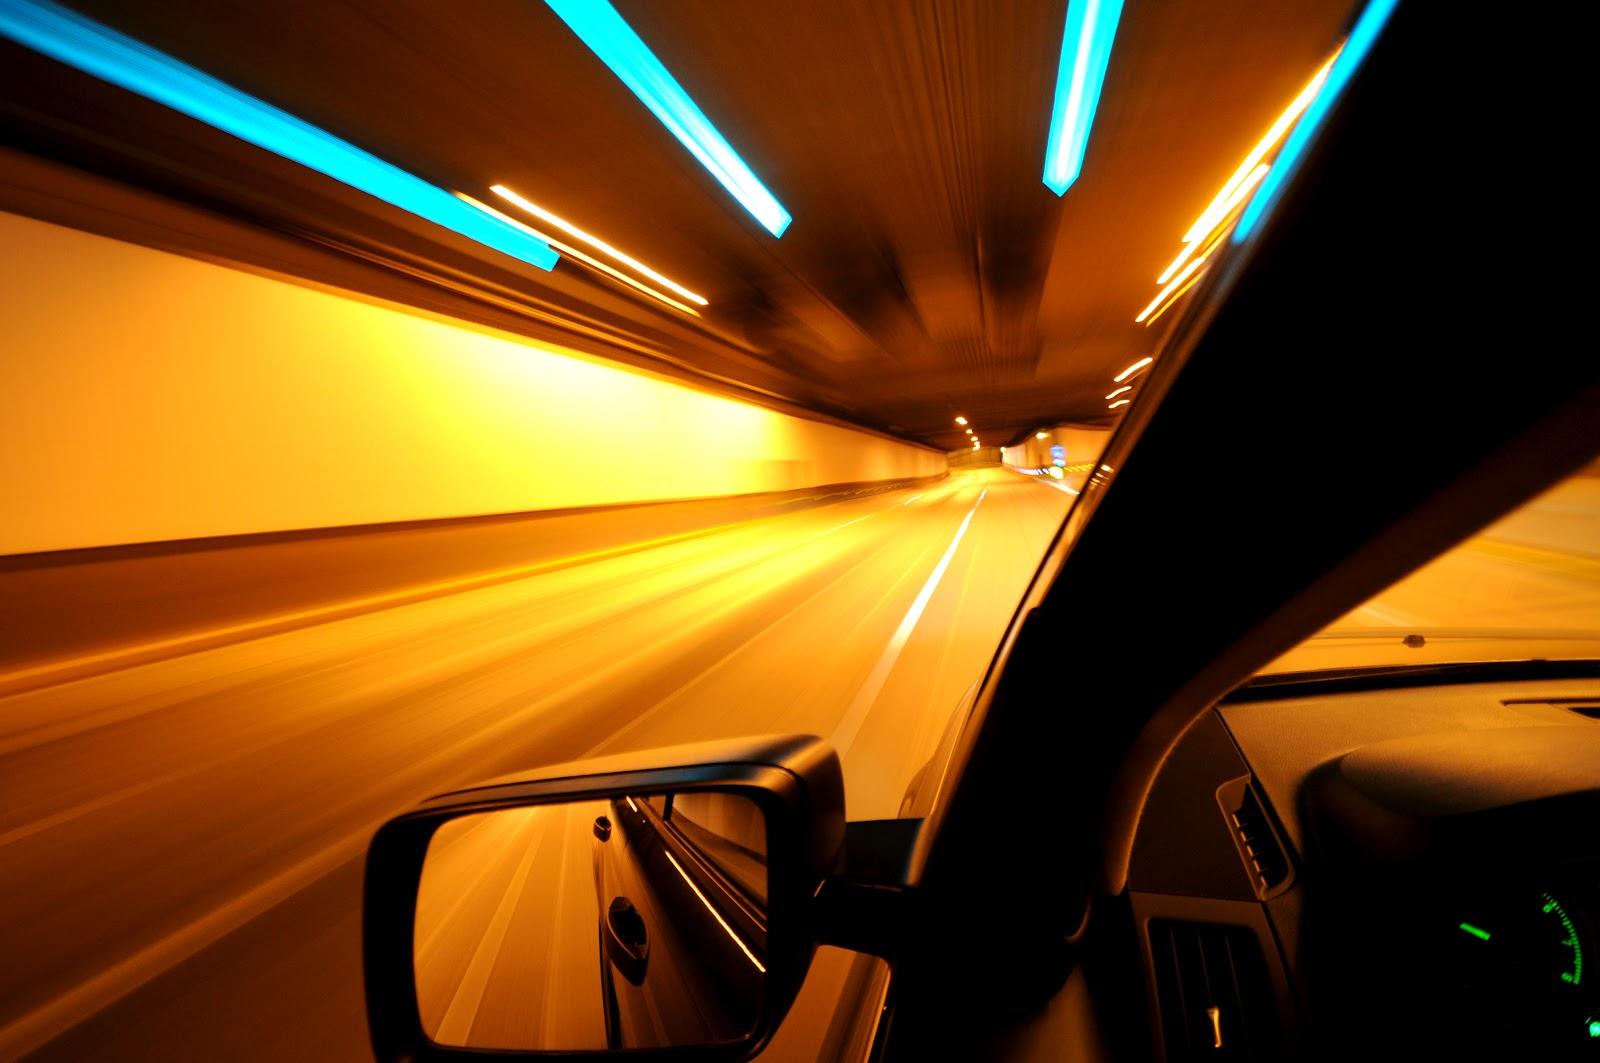 Os códigos permitem a condução dentro da condição estipulada.